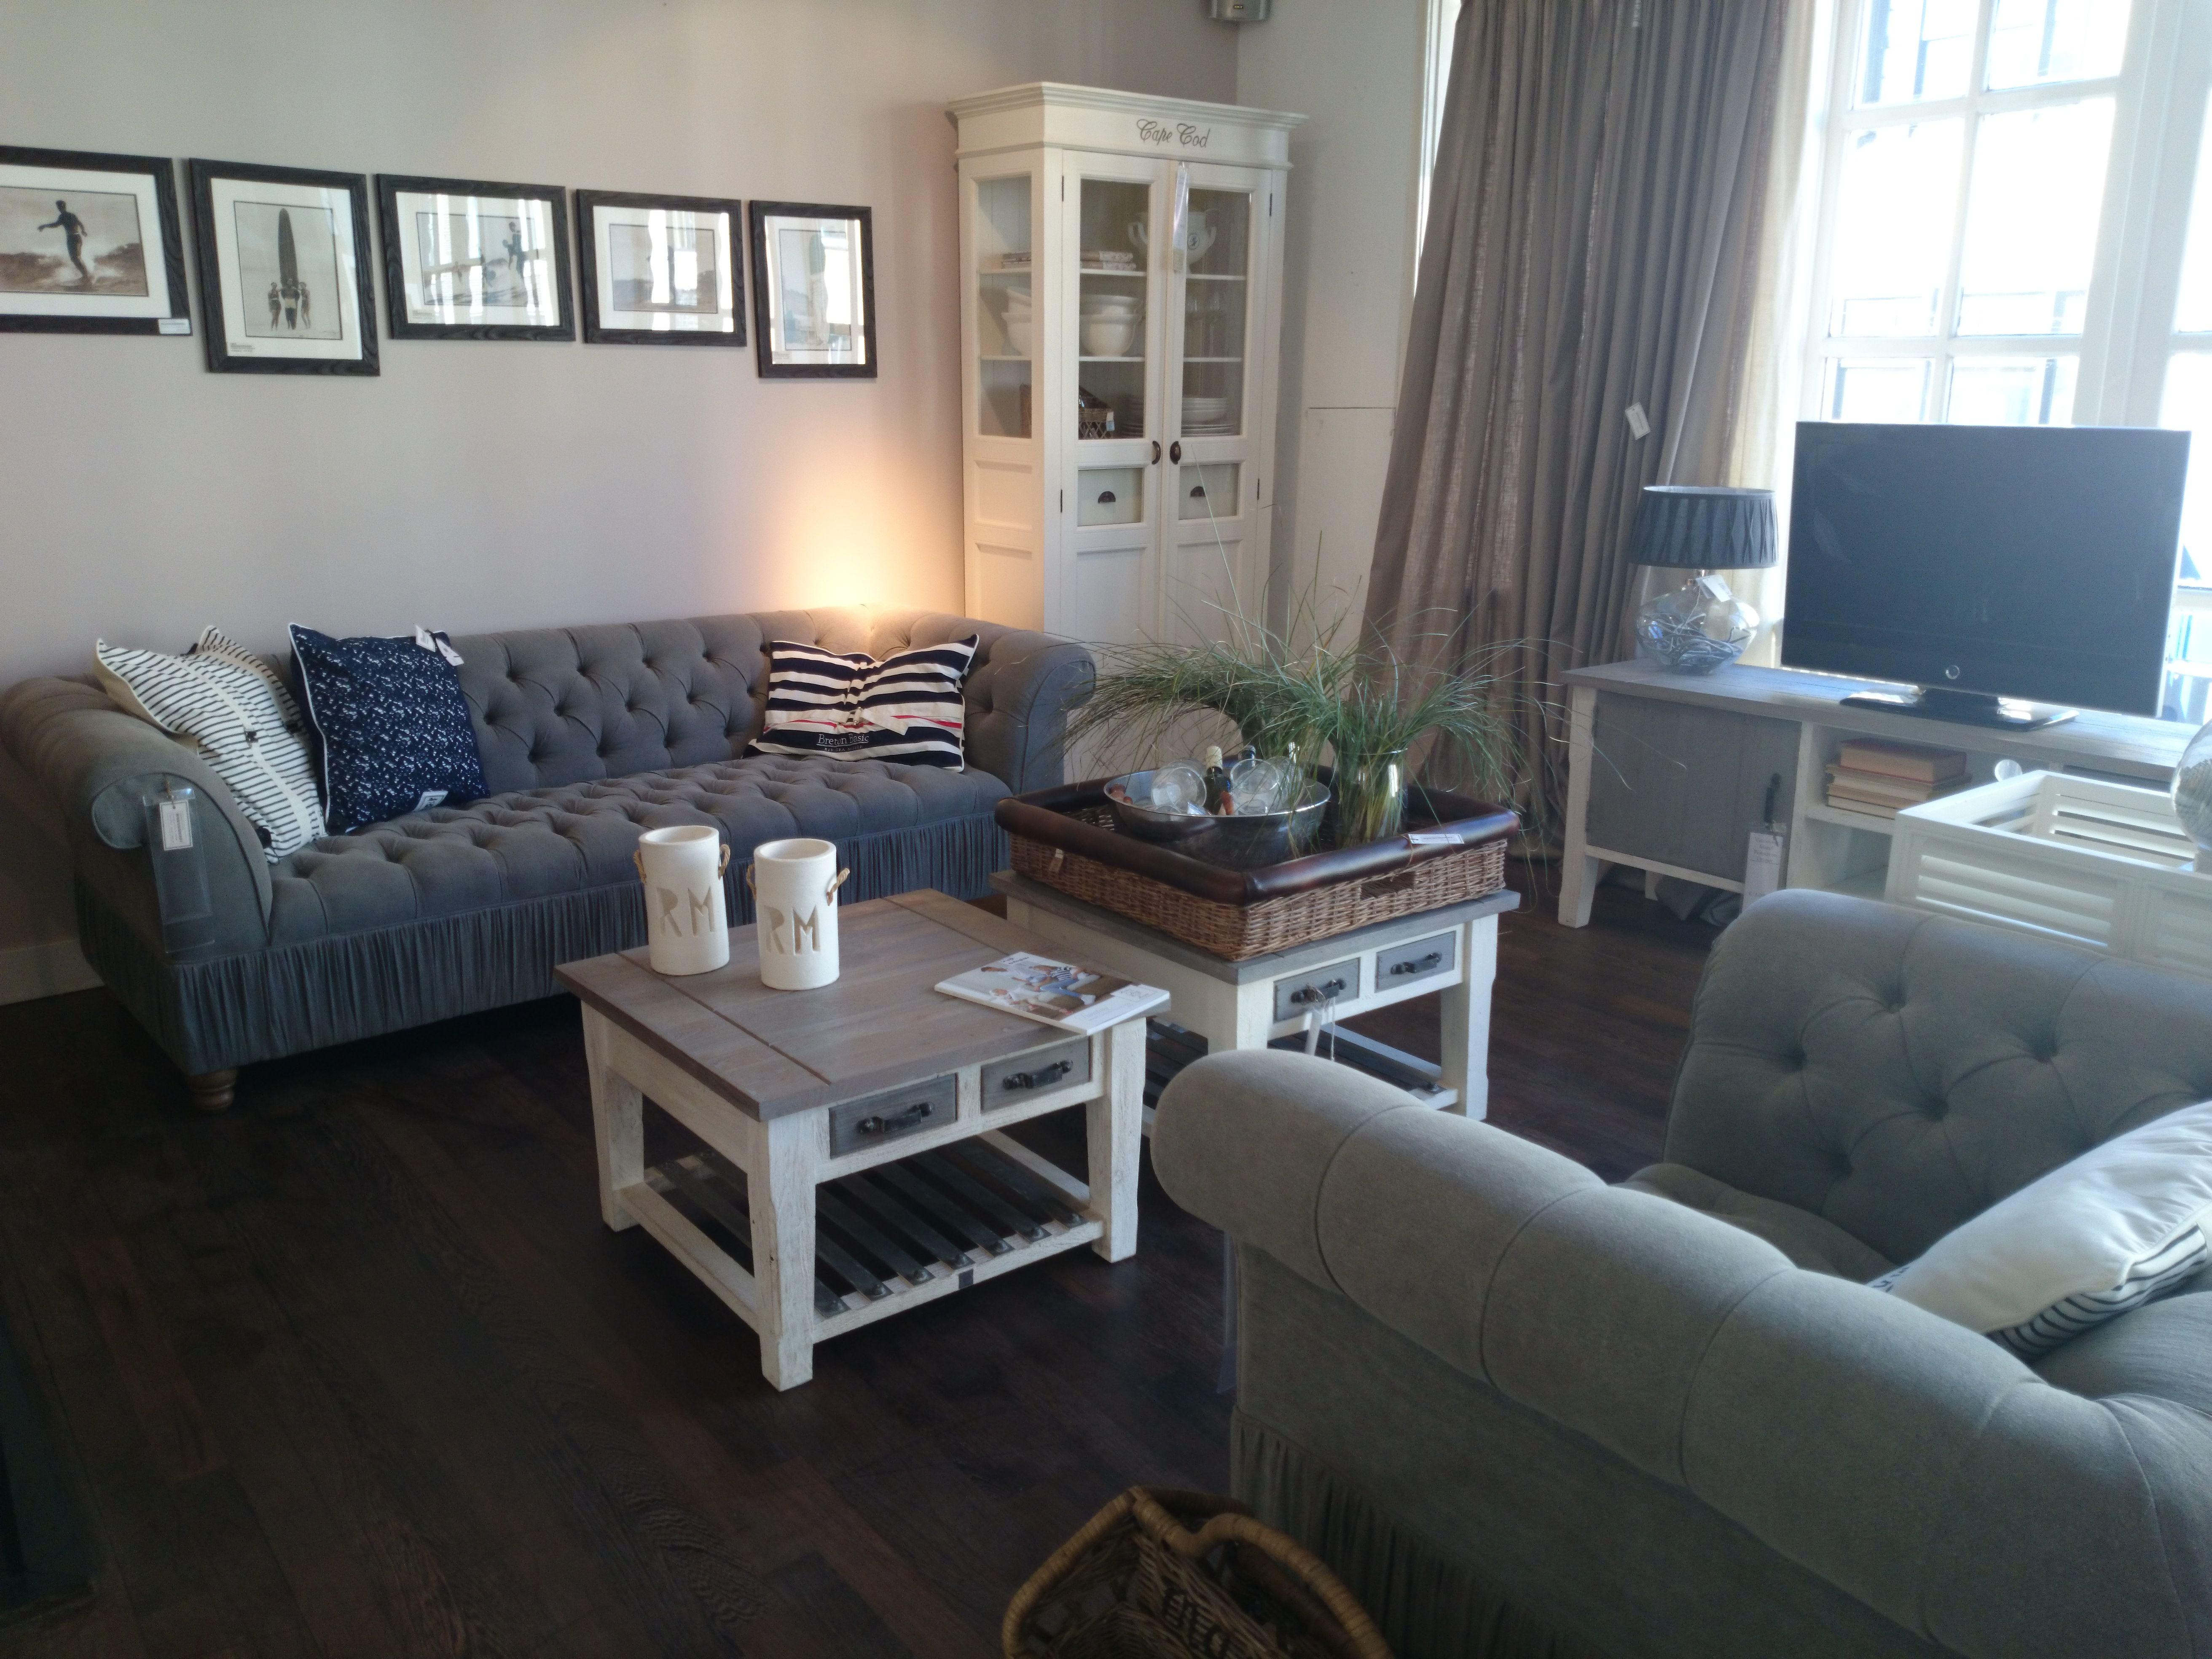 Op onze eerste verdieping hebben wij een leuke woonkamer opstelling ...